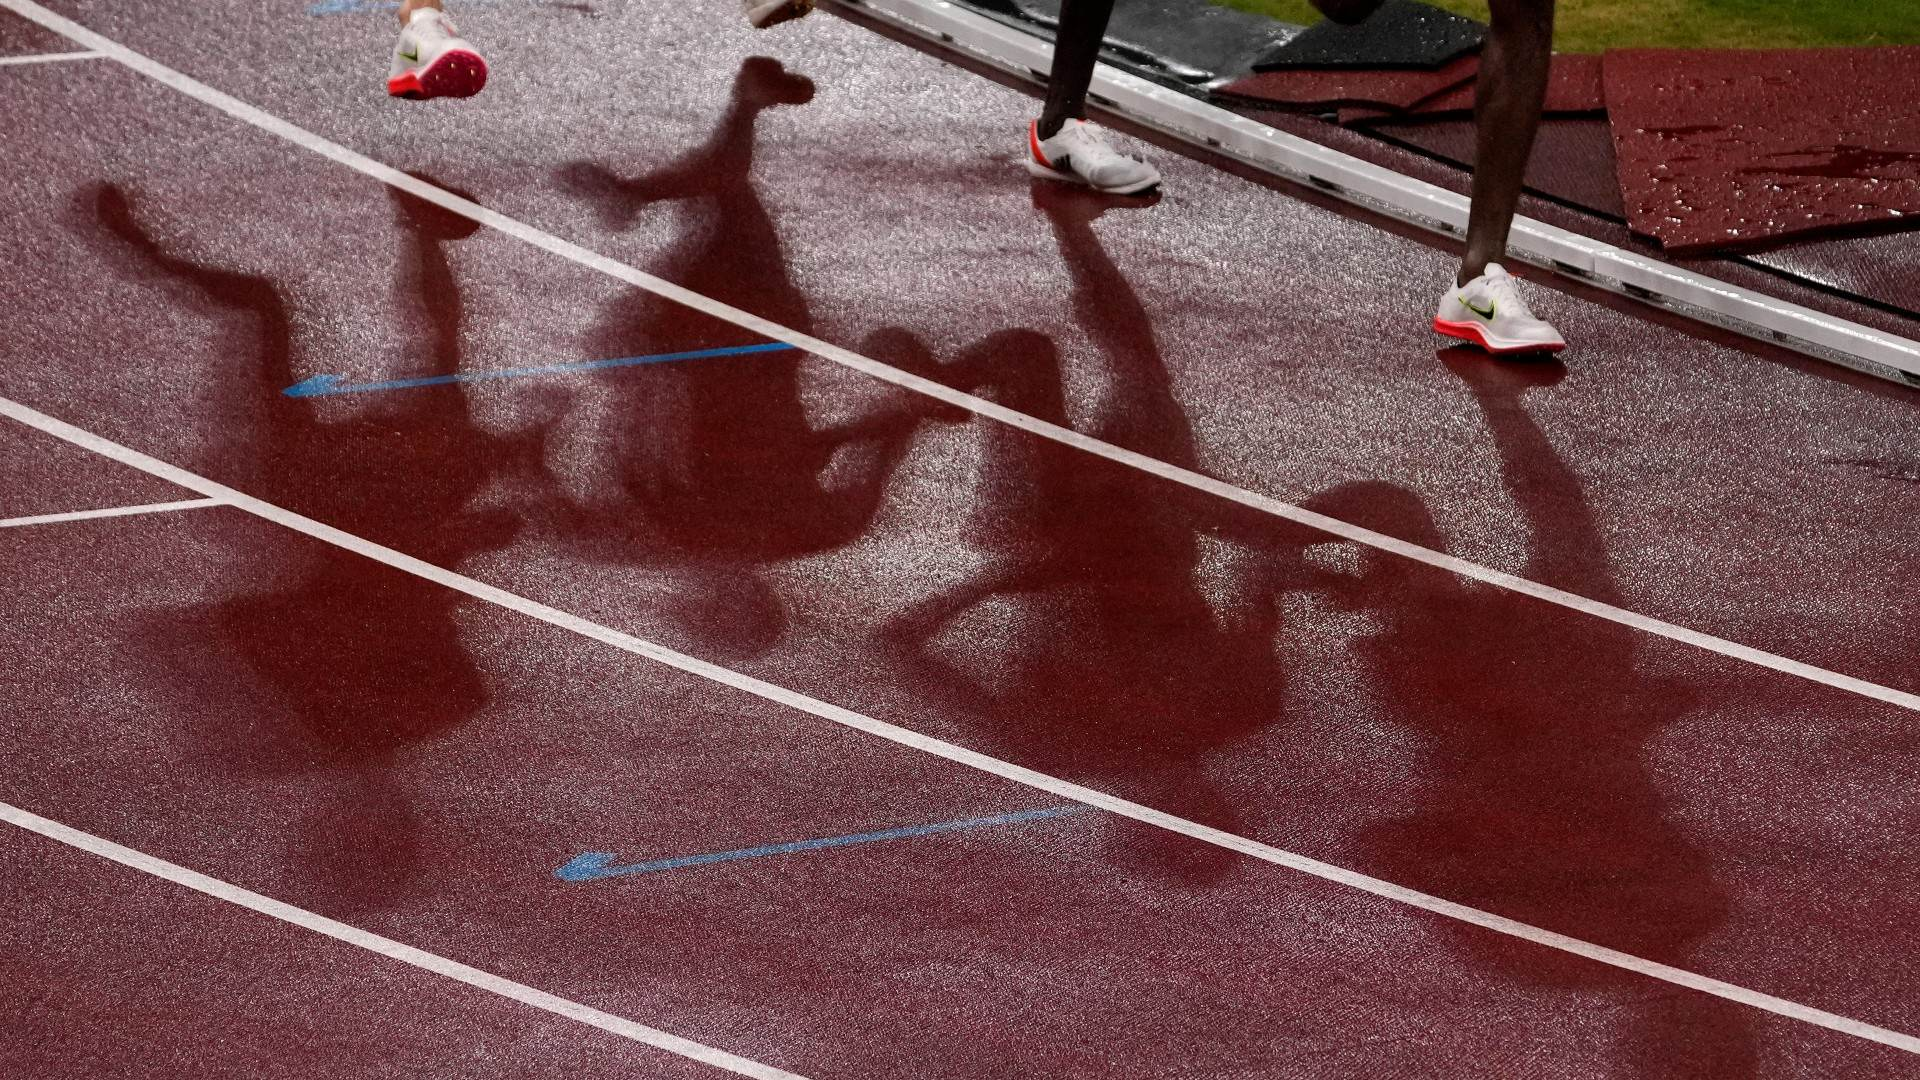 Tecnologia dos sapatos usados em Tóquio gerou debate entre atletas